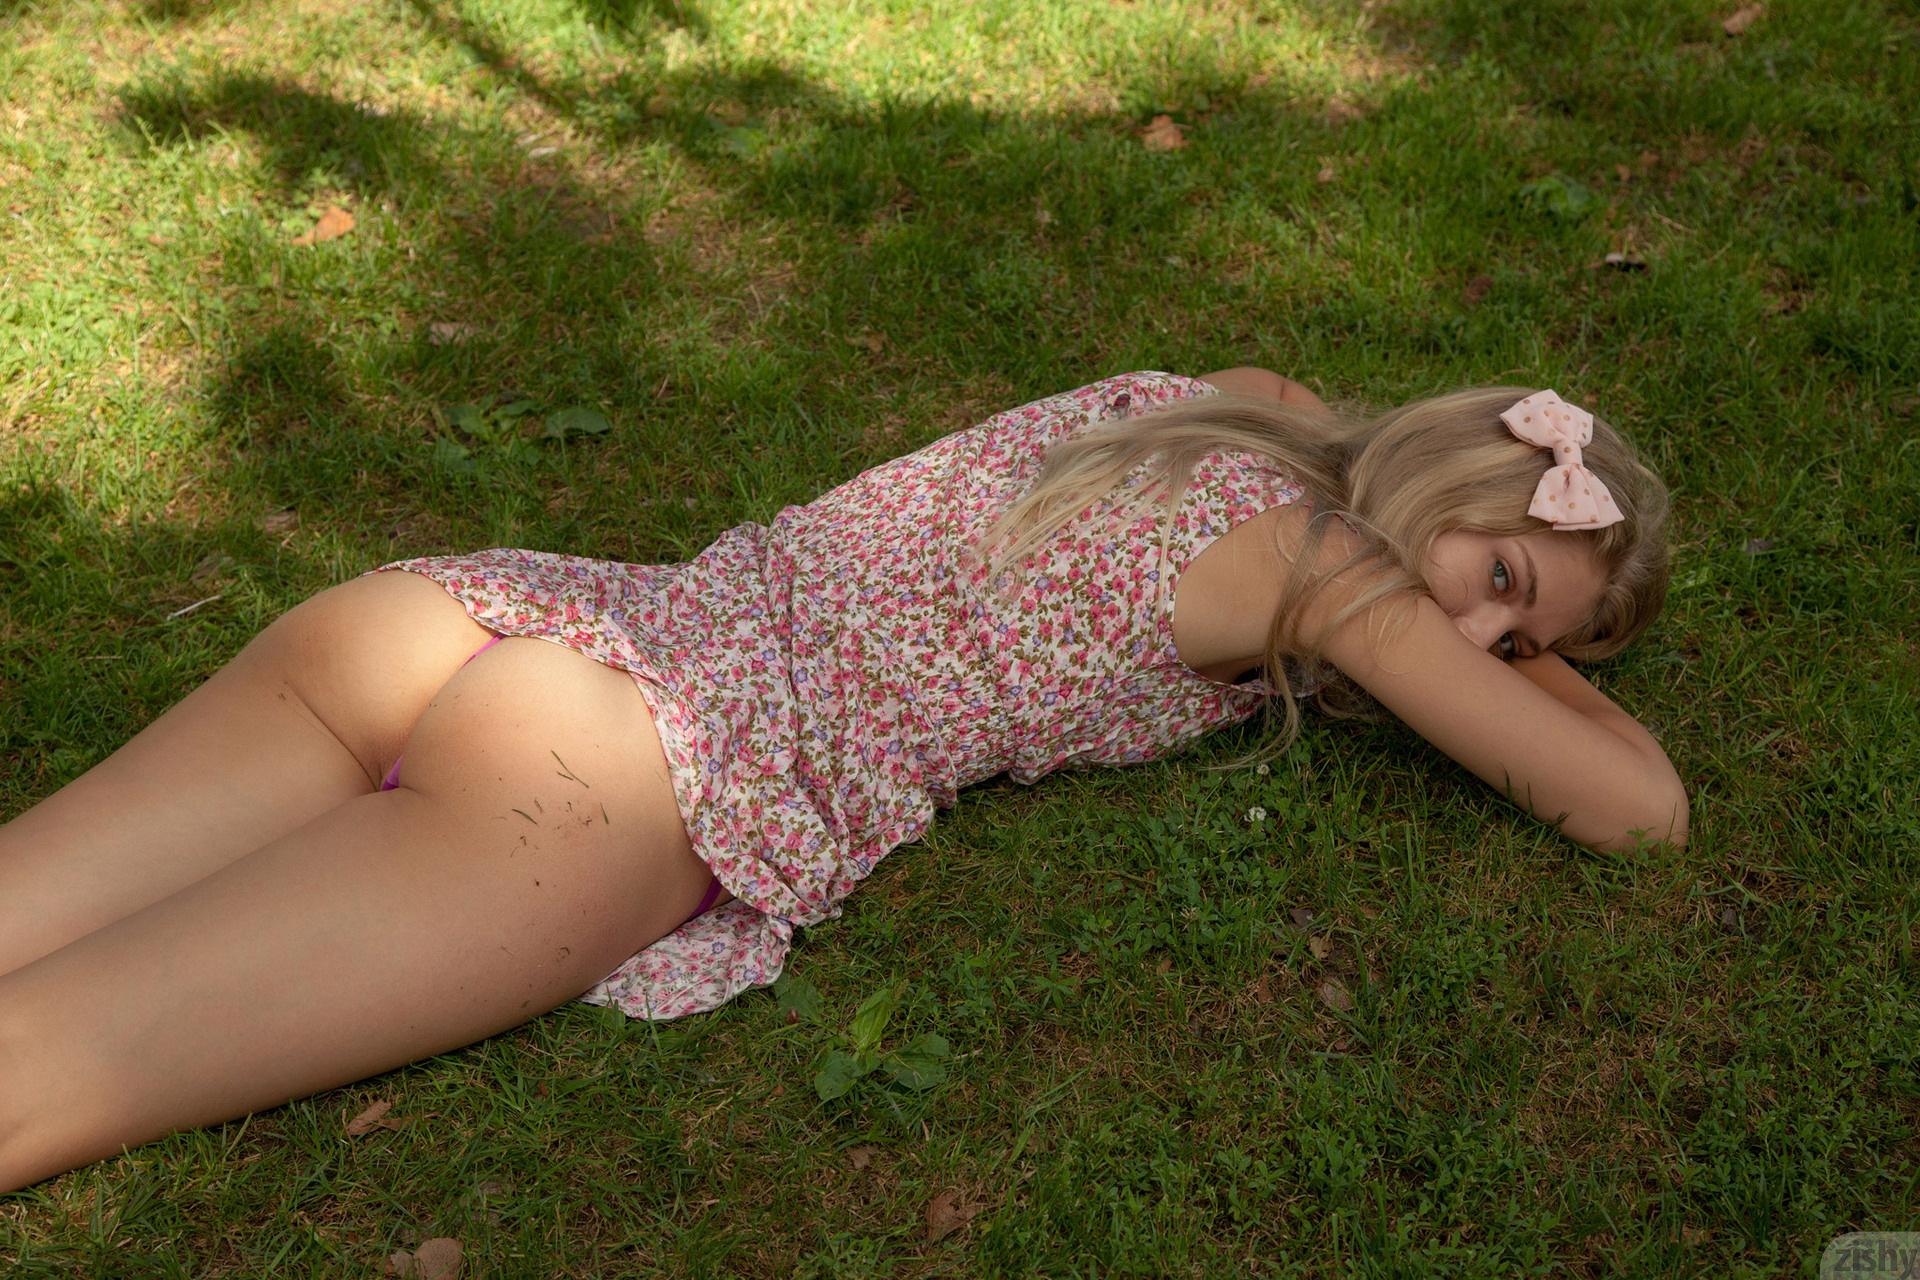 Фото голой молоденькой девочки, Голые молоденькие - фото обнаженных молоденьких 21 фотография